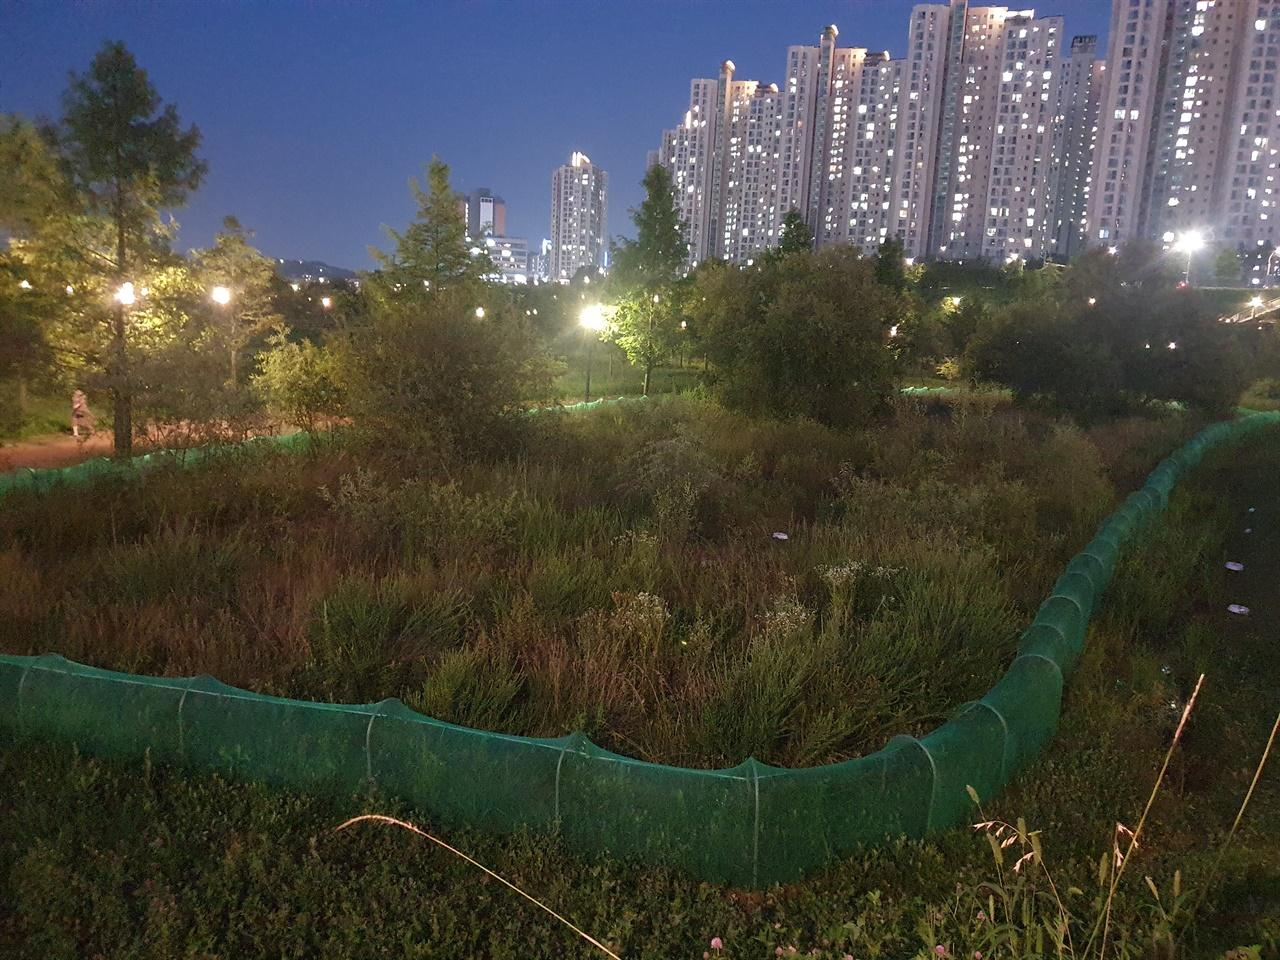 운정호수공원 맹꽁이 대체서식지 운정3지구 택지개발도중 발견된 맹꽁이 959개체가 이주해 있는 운정호수공원